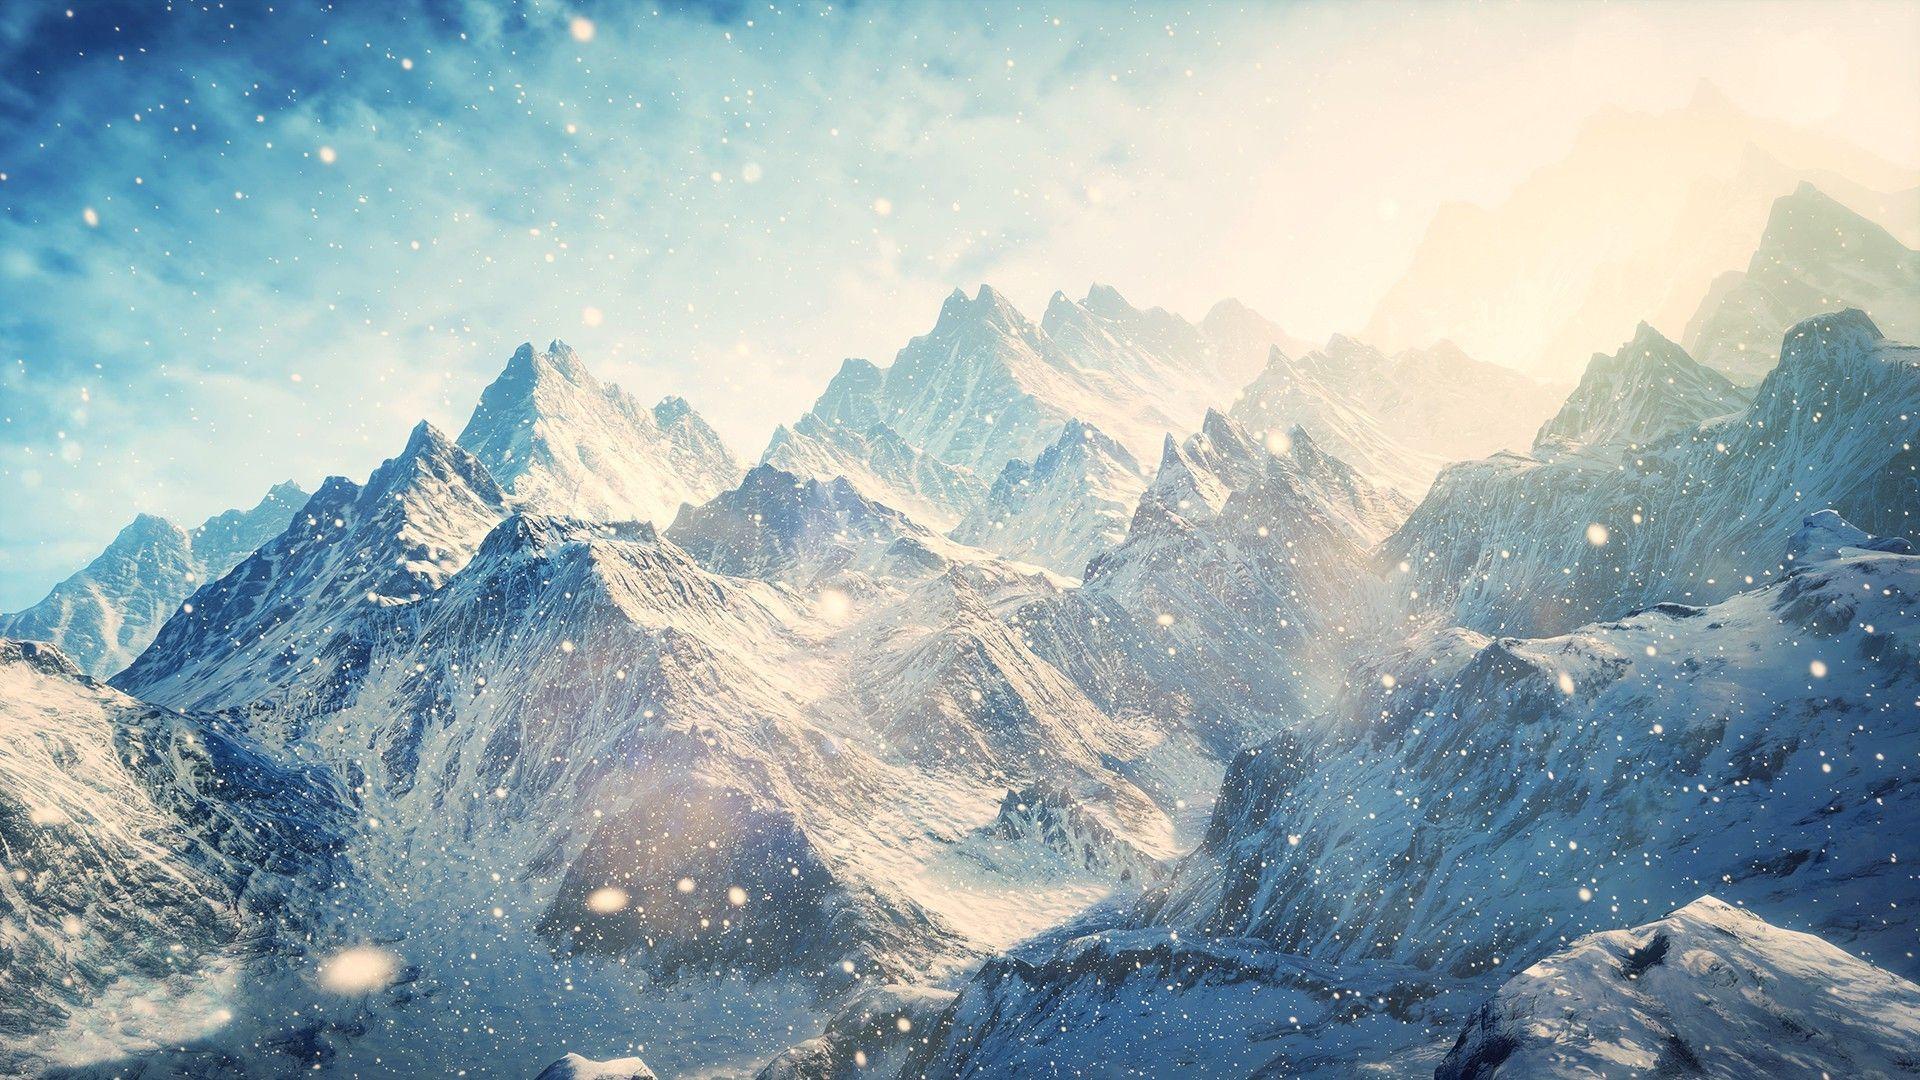 1920x1080 hình nền núi (24)